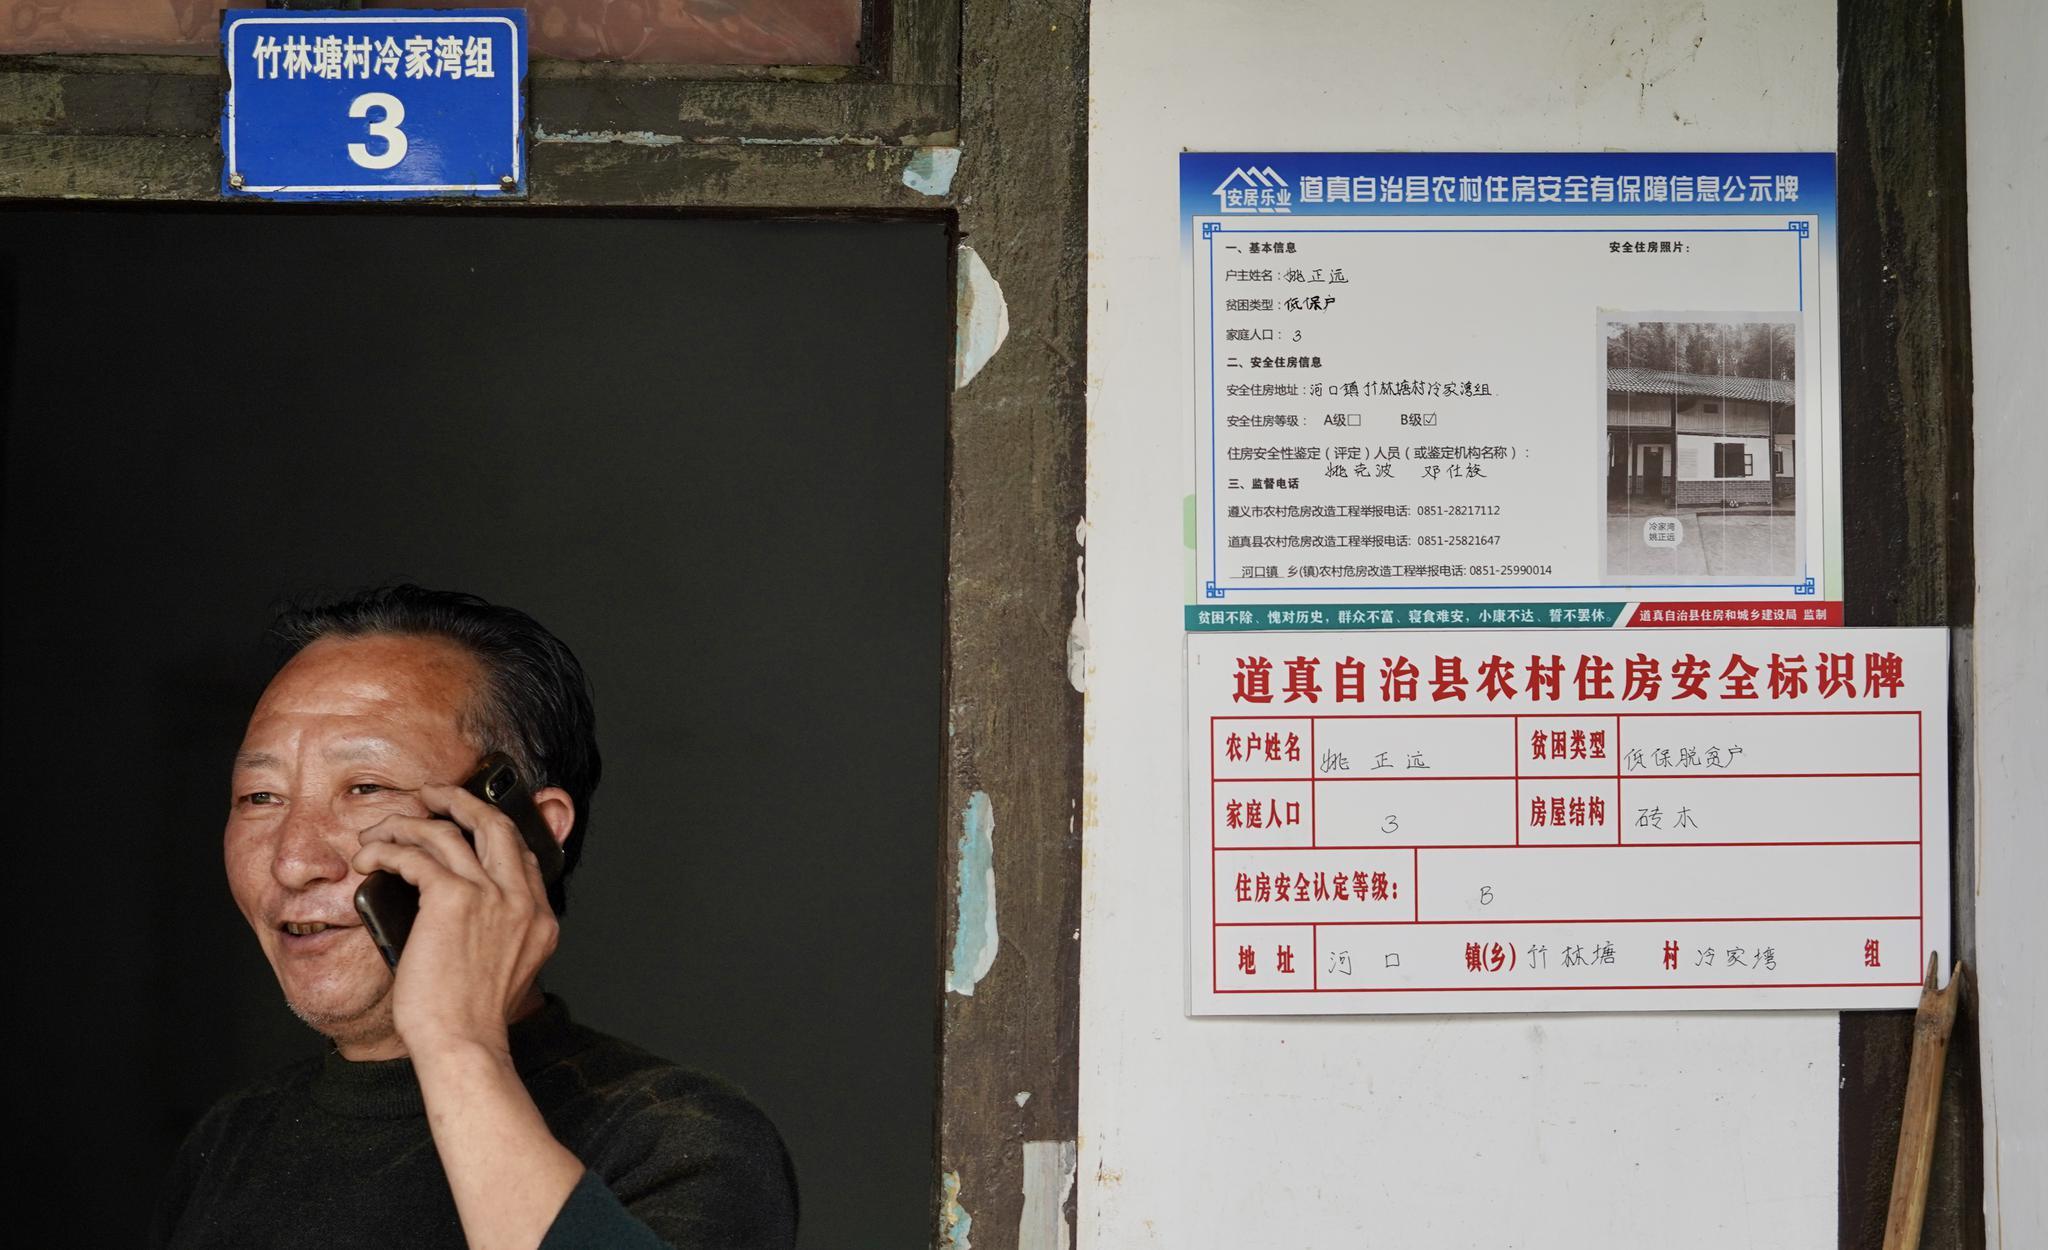 摩鑫主管:从道真县5年摩鑫主管巨变看茅台精准扶贫图片